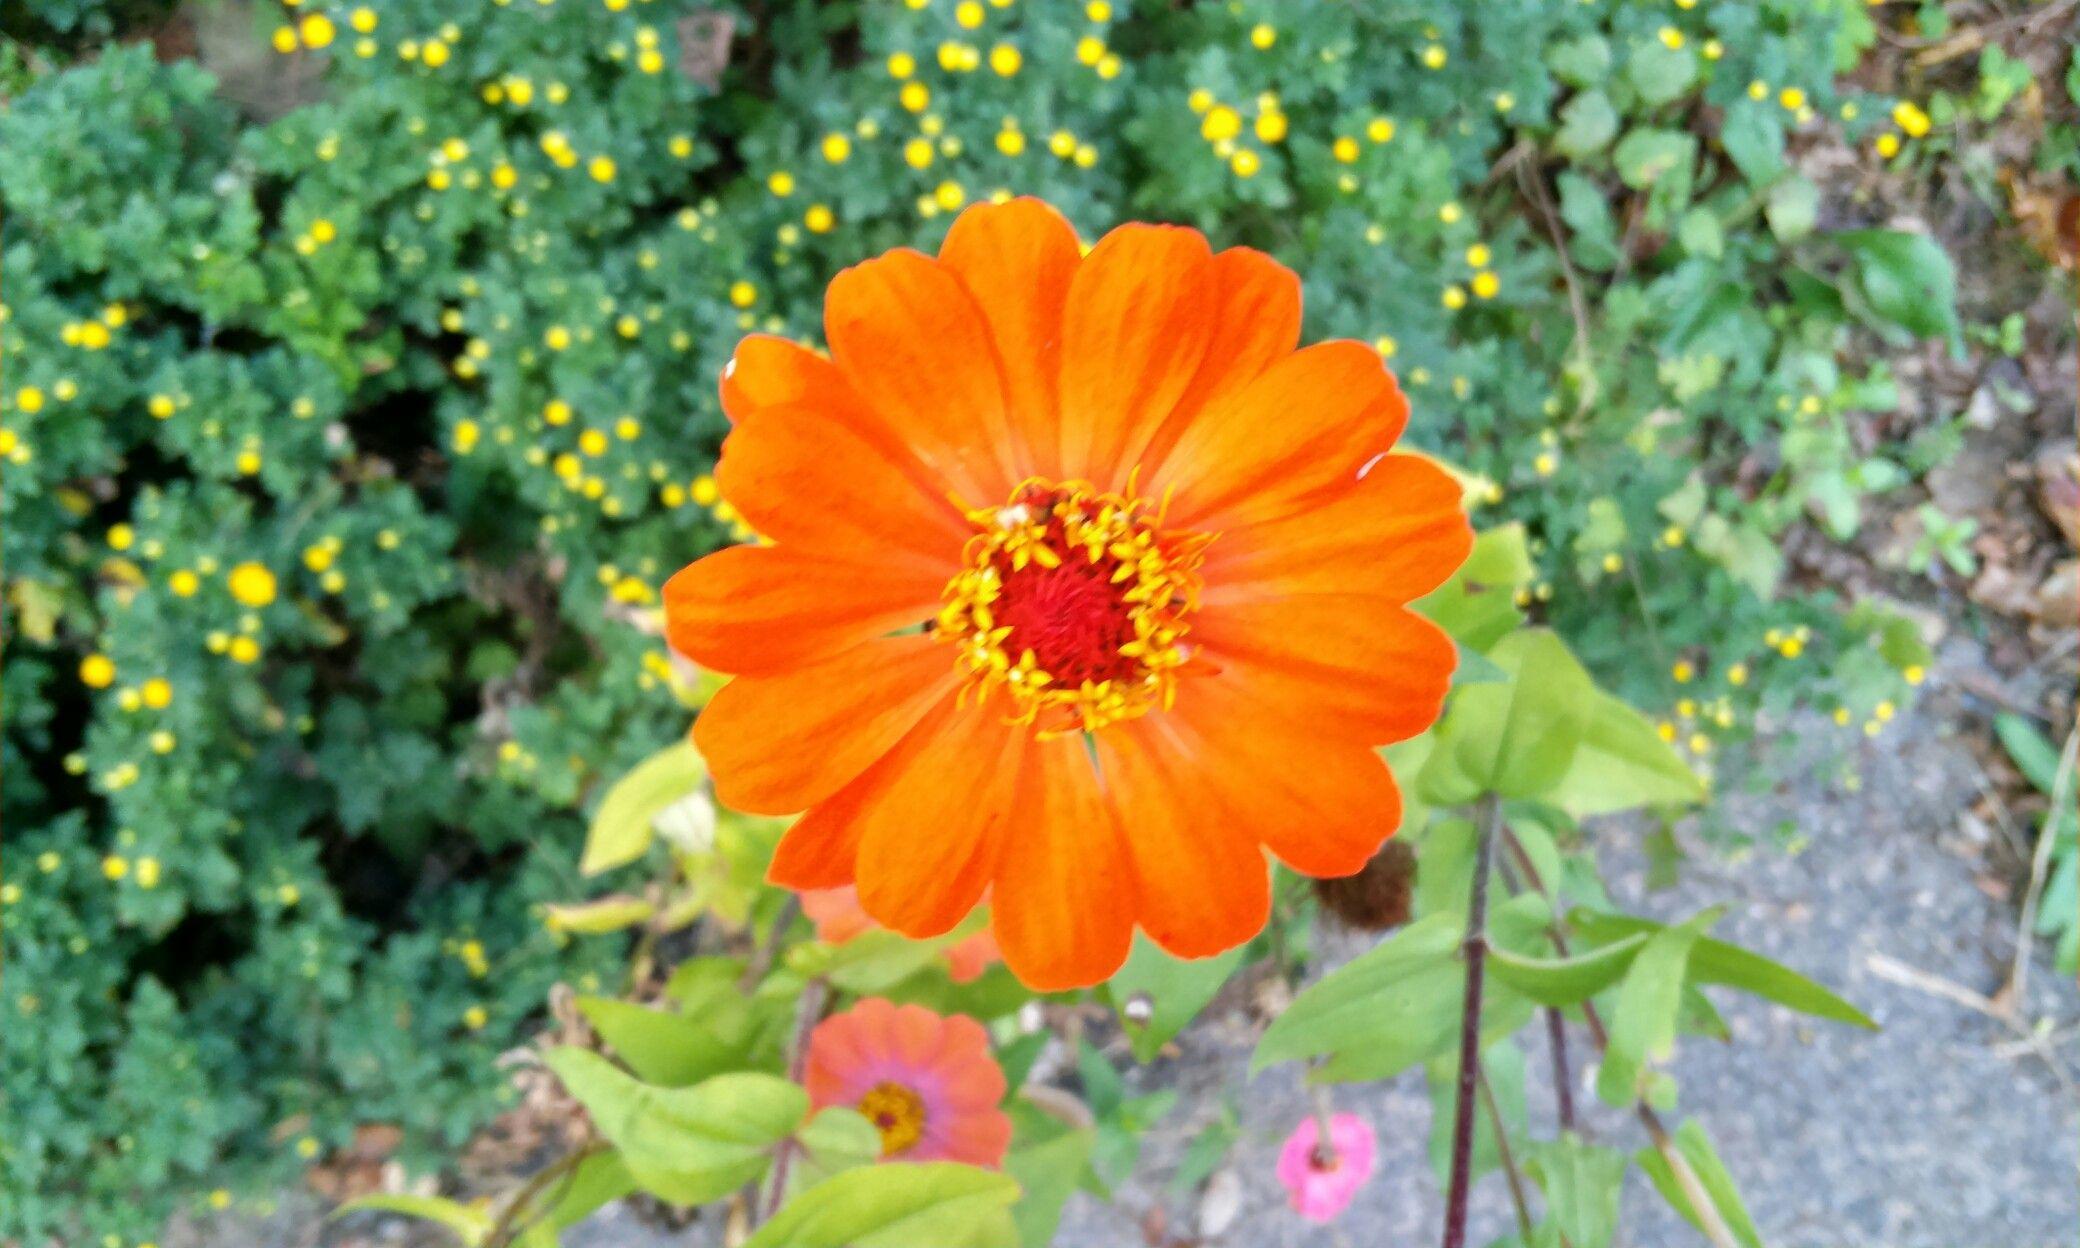 가을 골목 나즈막 꽃